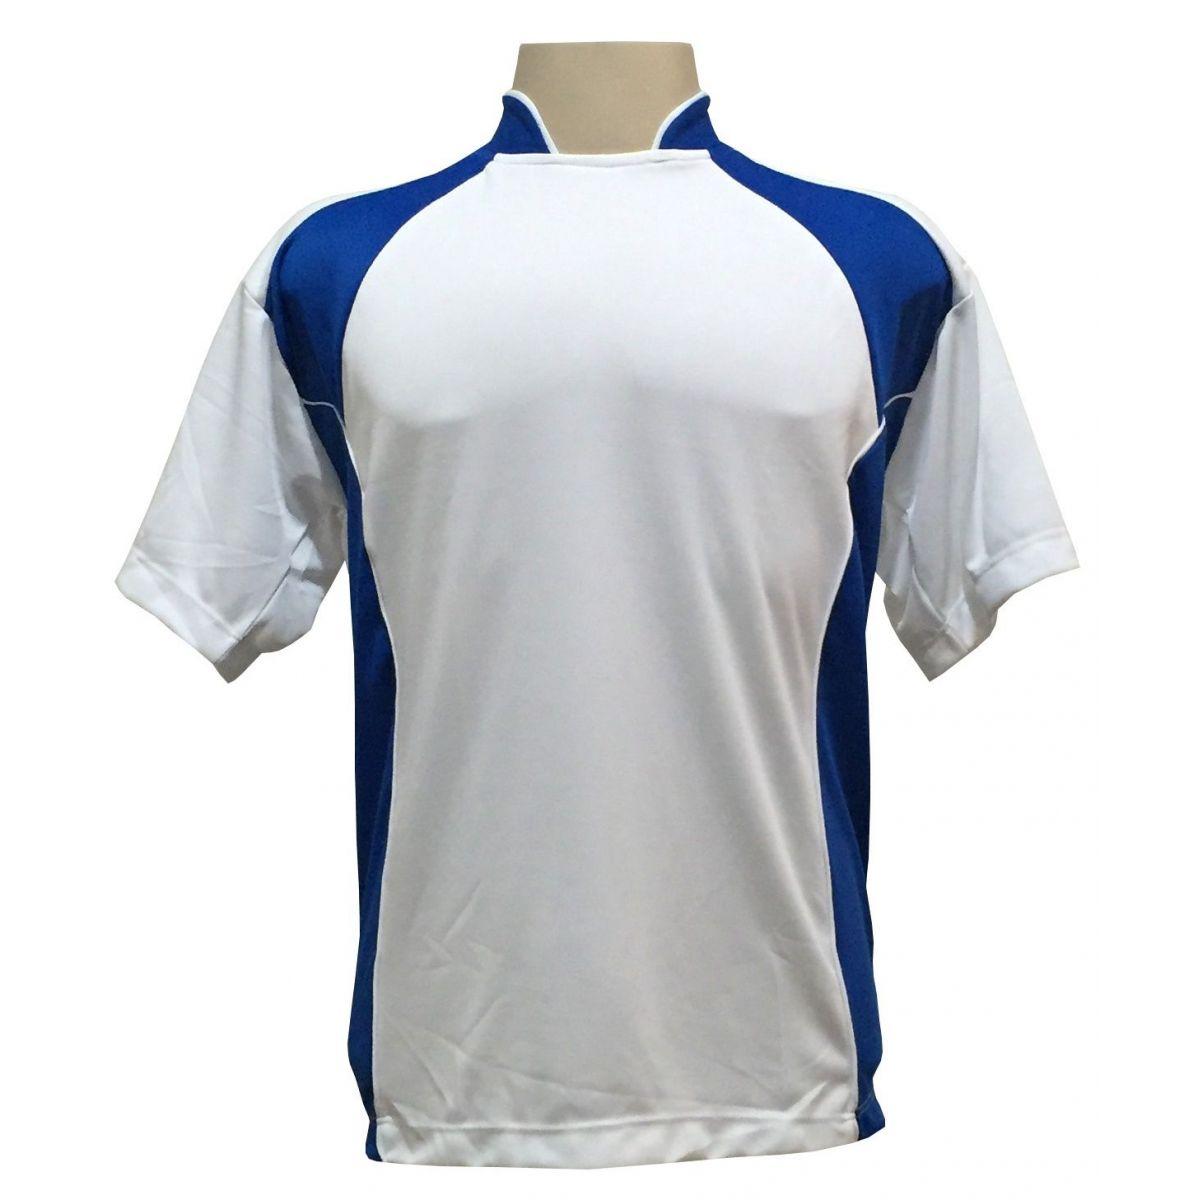 Uniforme Esportivo com 14 camisas modelo Suécia Branco/Royal + 14 calções modelo Copa + 1 Goleiro + Brindes